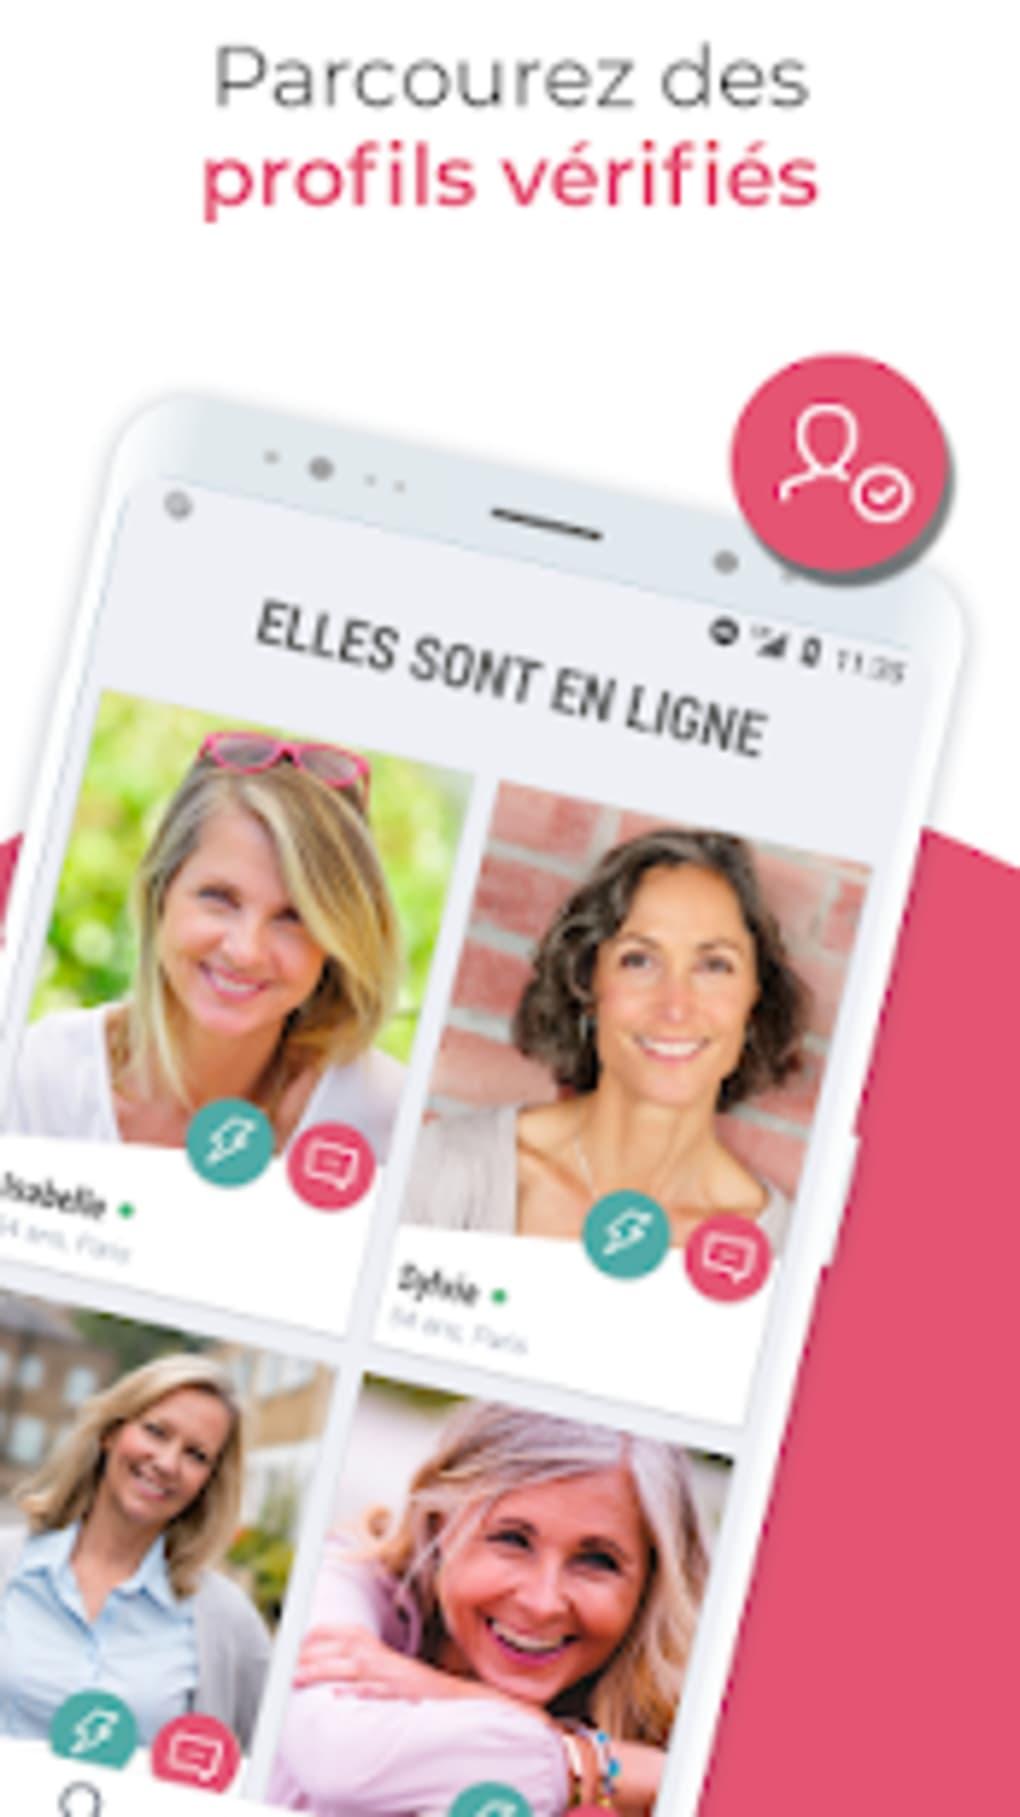 site rencontre telecharger choisir sa photo de profil site de rencontre